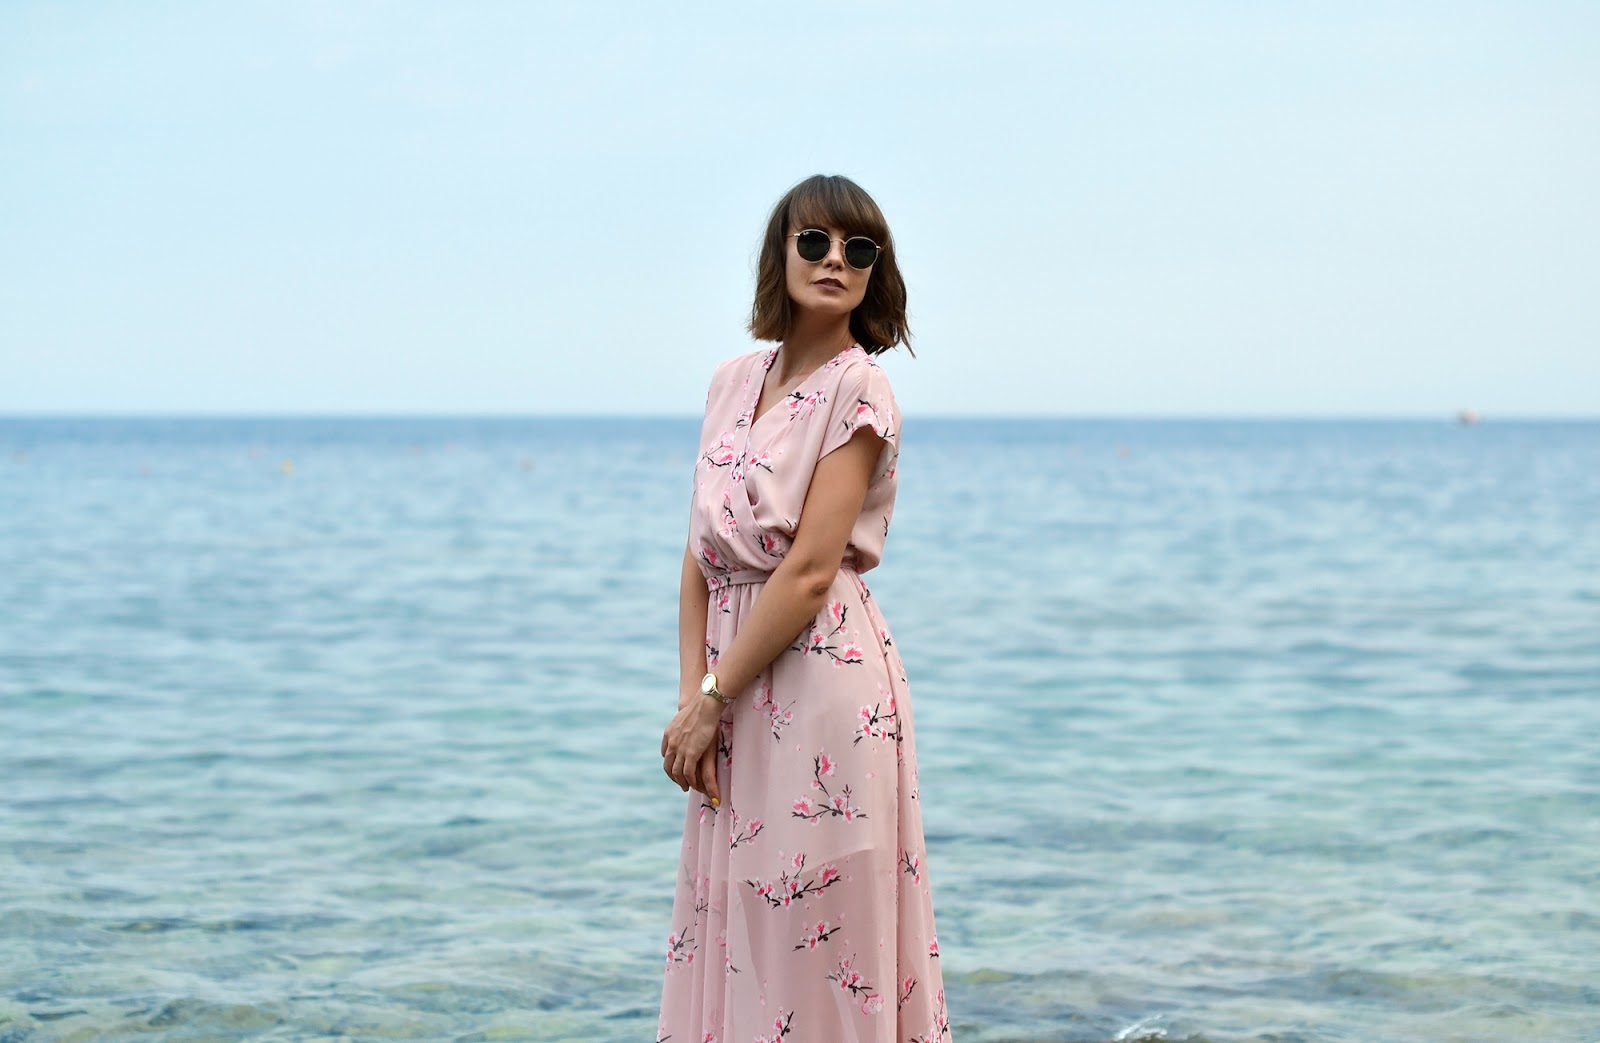 wakacje | podroze | morze jonskie